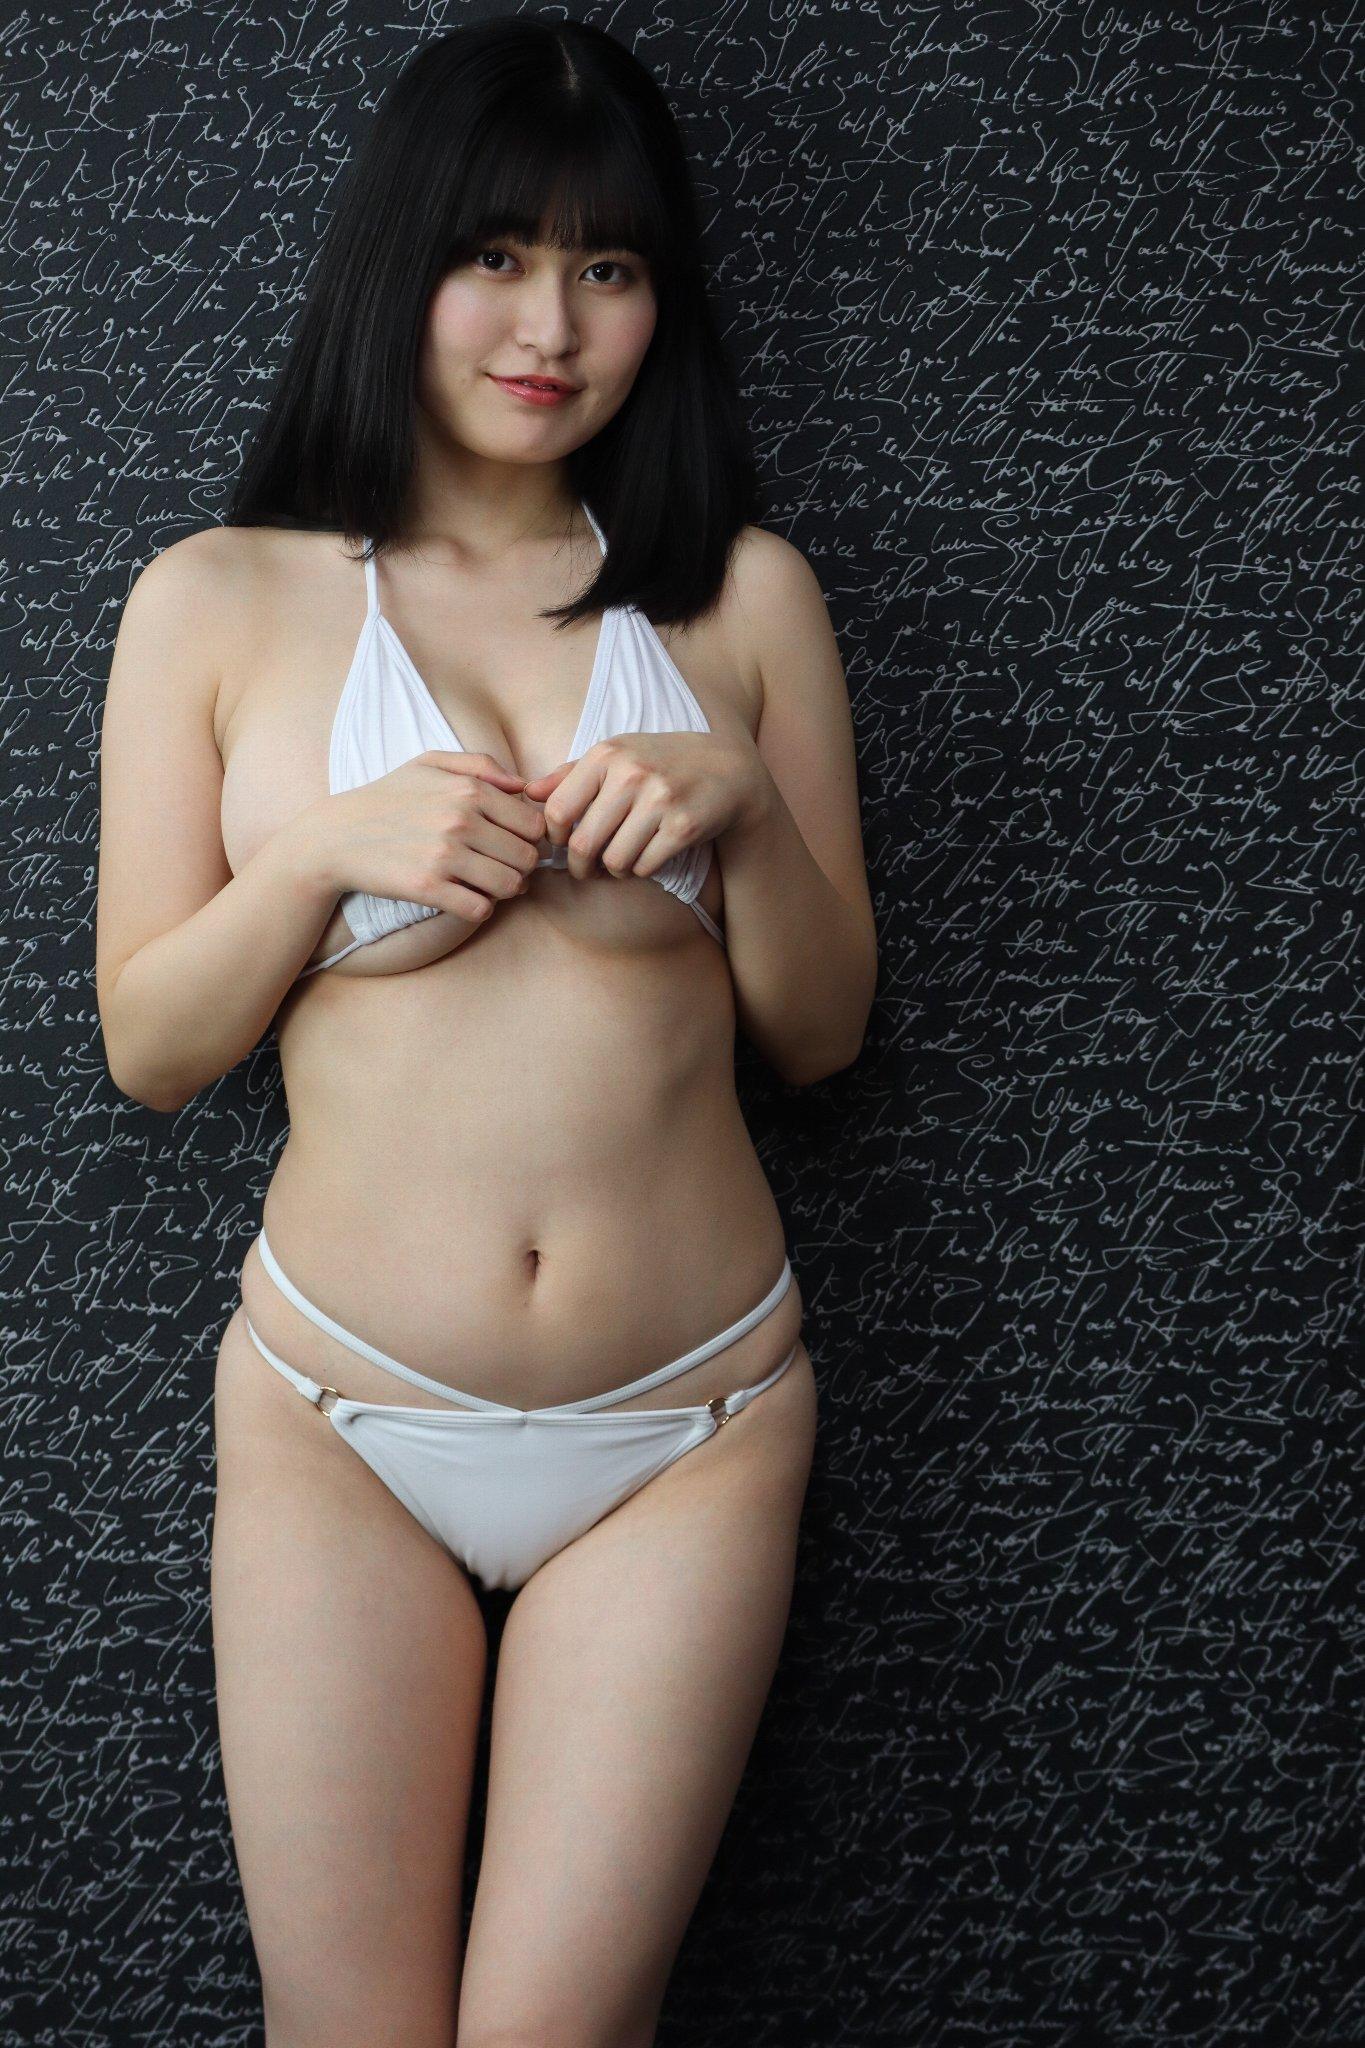 miri_ichika074.jpg